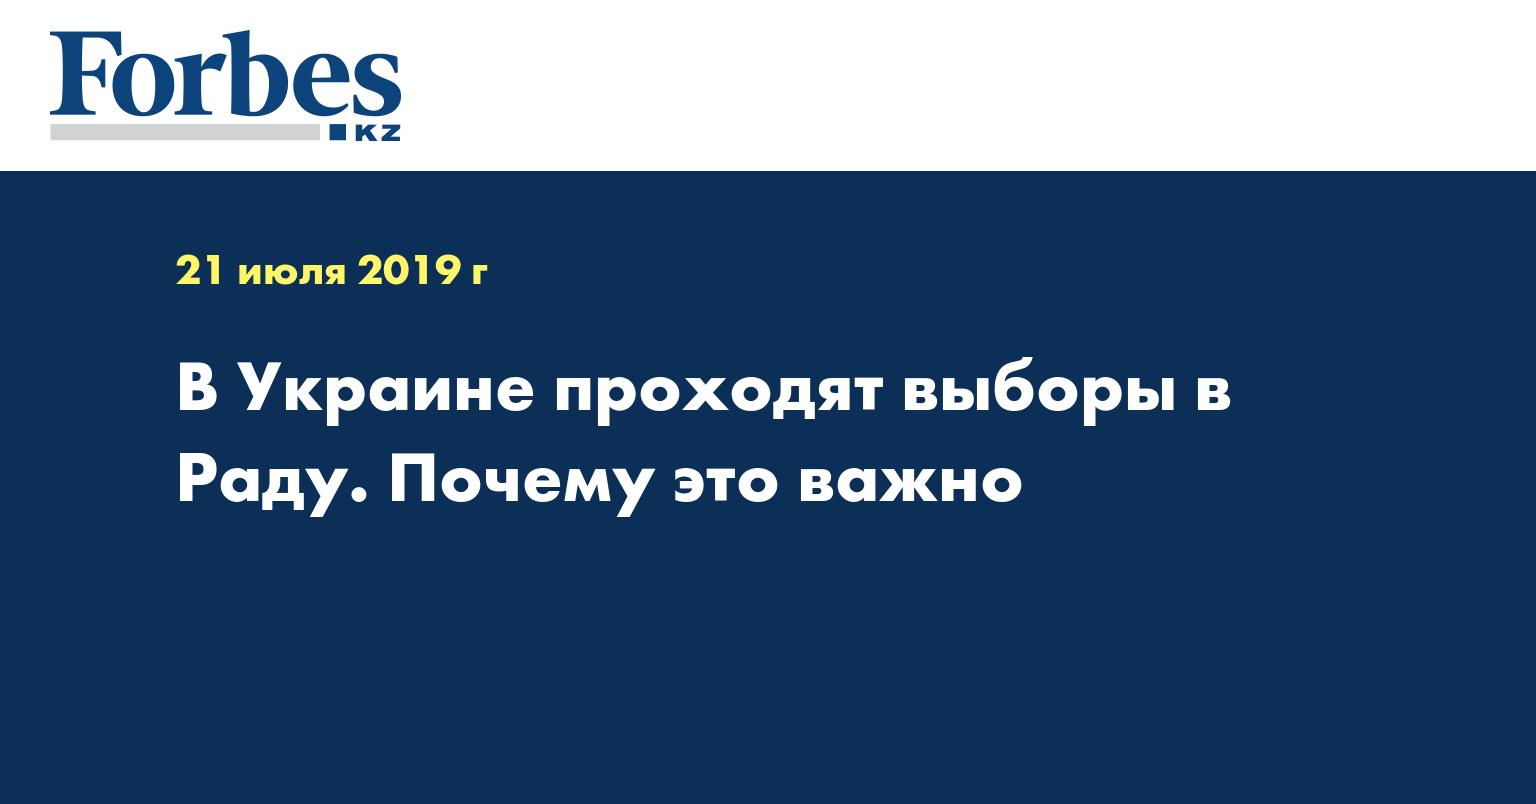 В Украине проходят выборы в Раду. Почему это важно